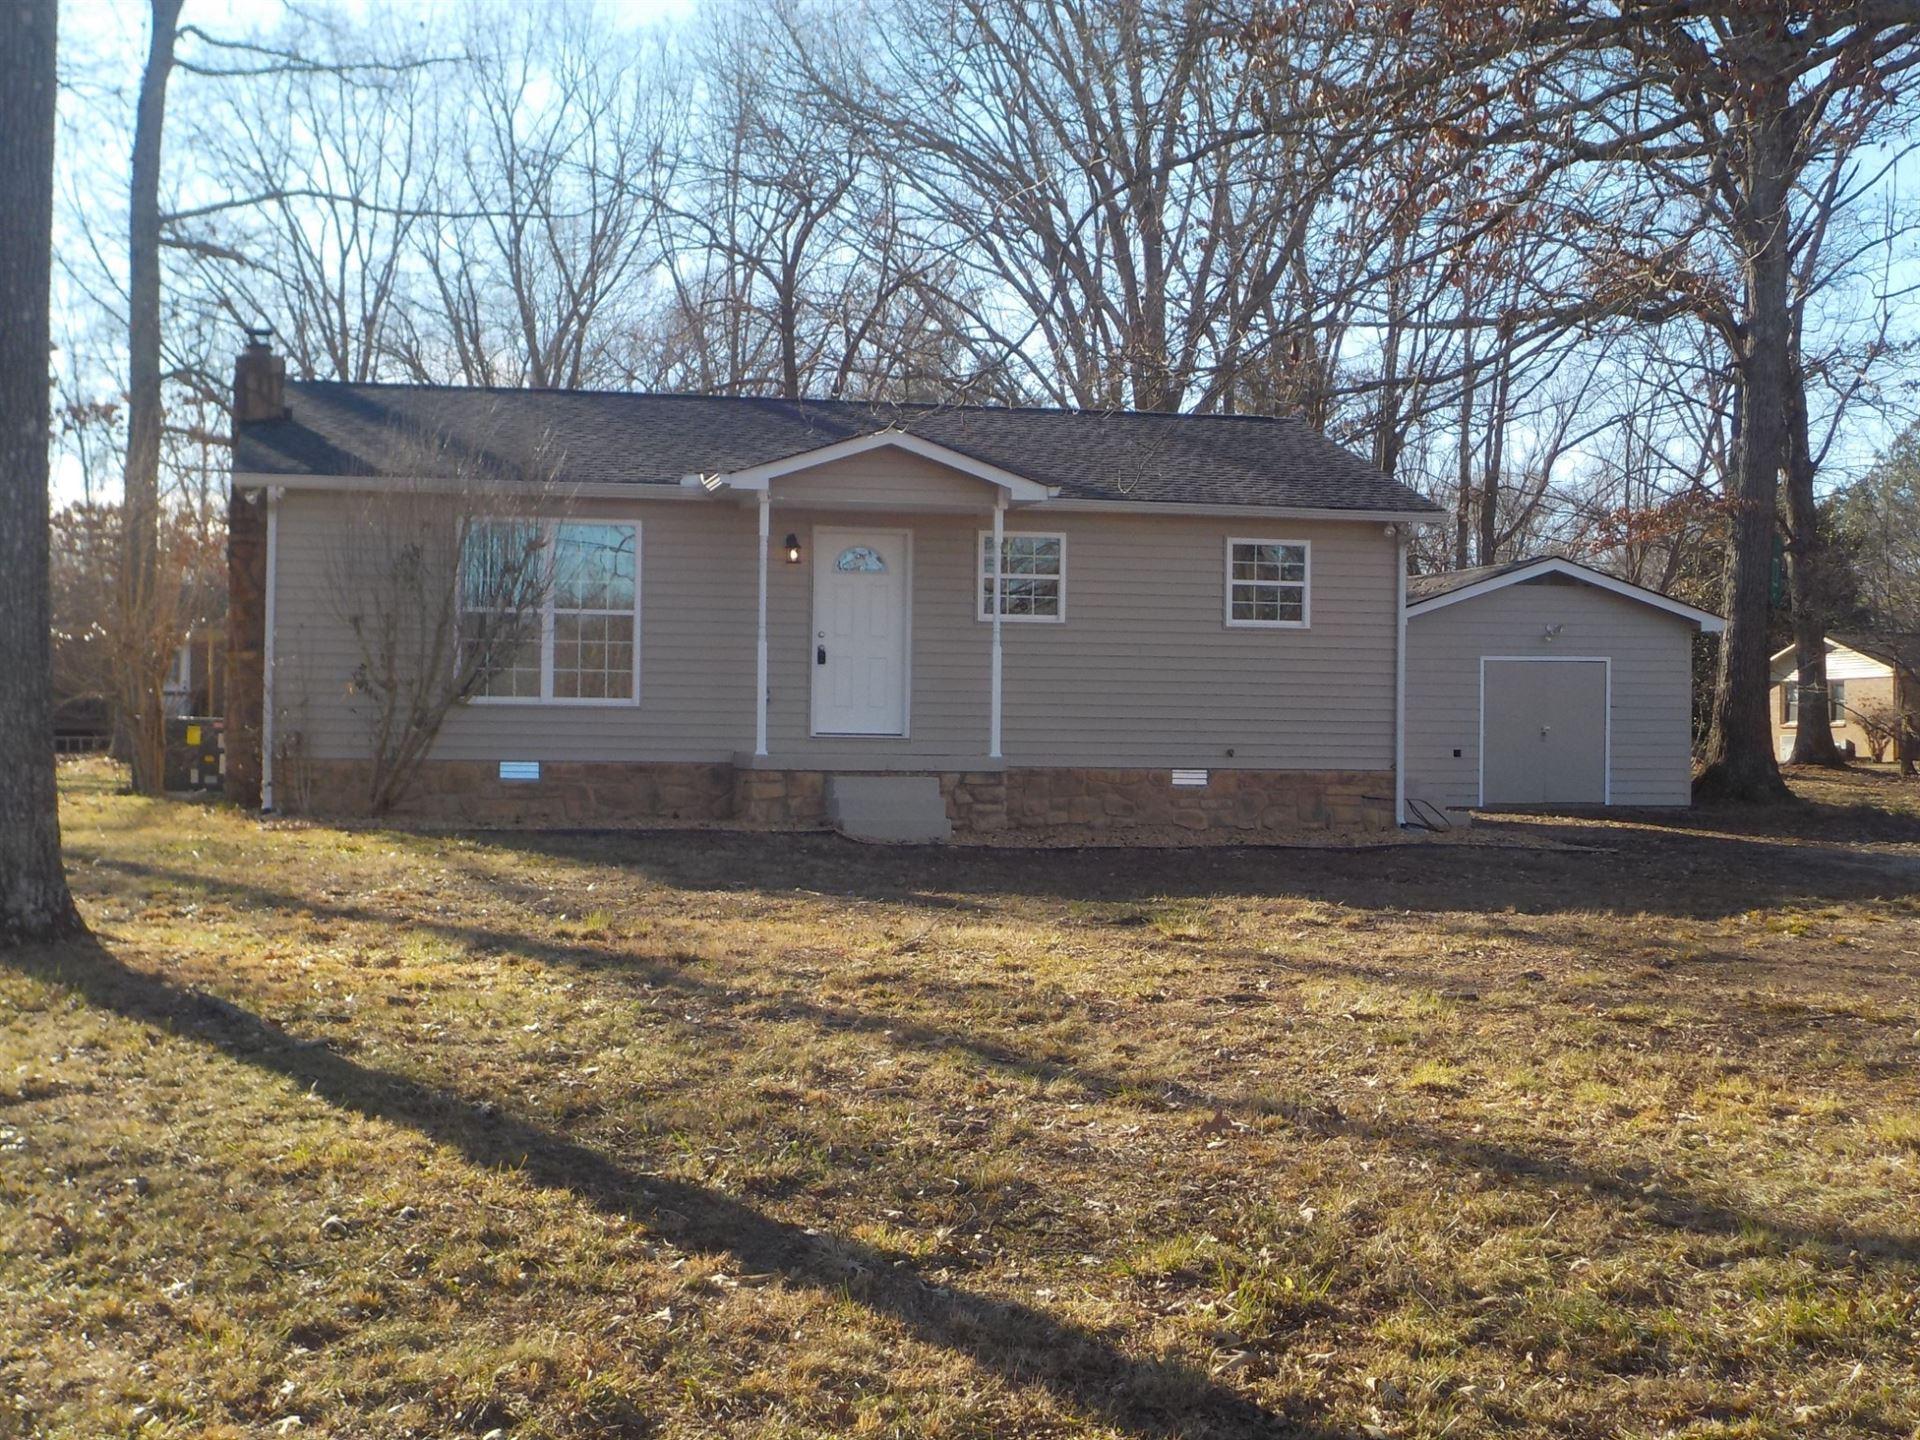 723 Cindy Hollow Rd, Estill Springs, TN 37330 - MLS#: 2222853